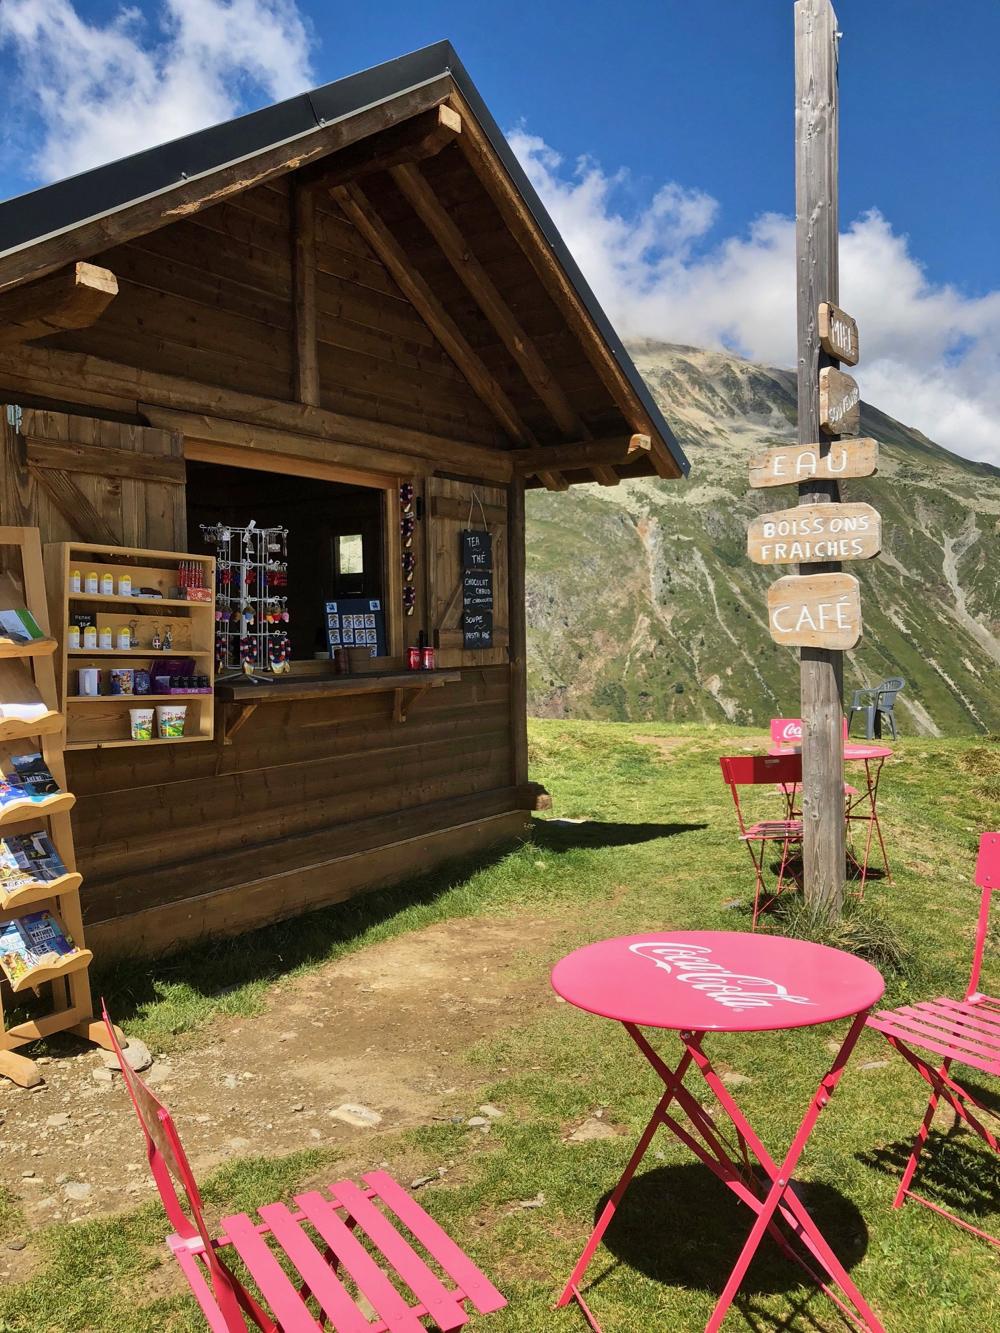 Rode coca cola stoeltjes voor een houten hutje waar je iets te drinken kunt kopen. Hoog in de bergen.